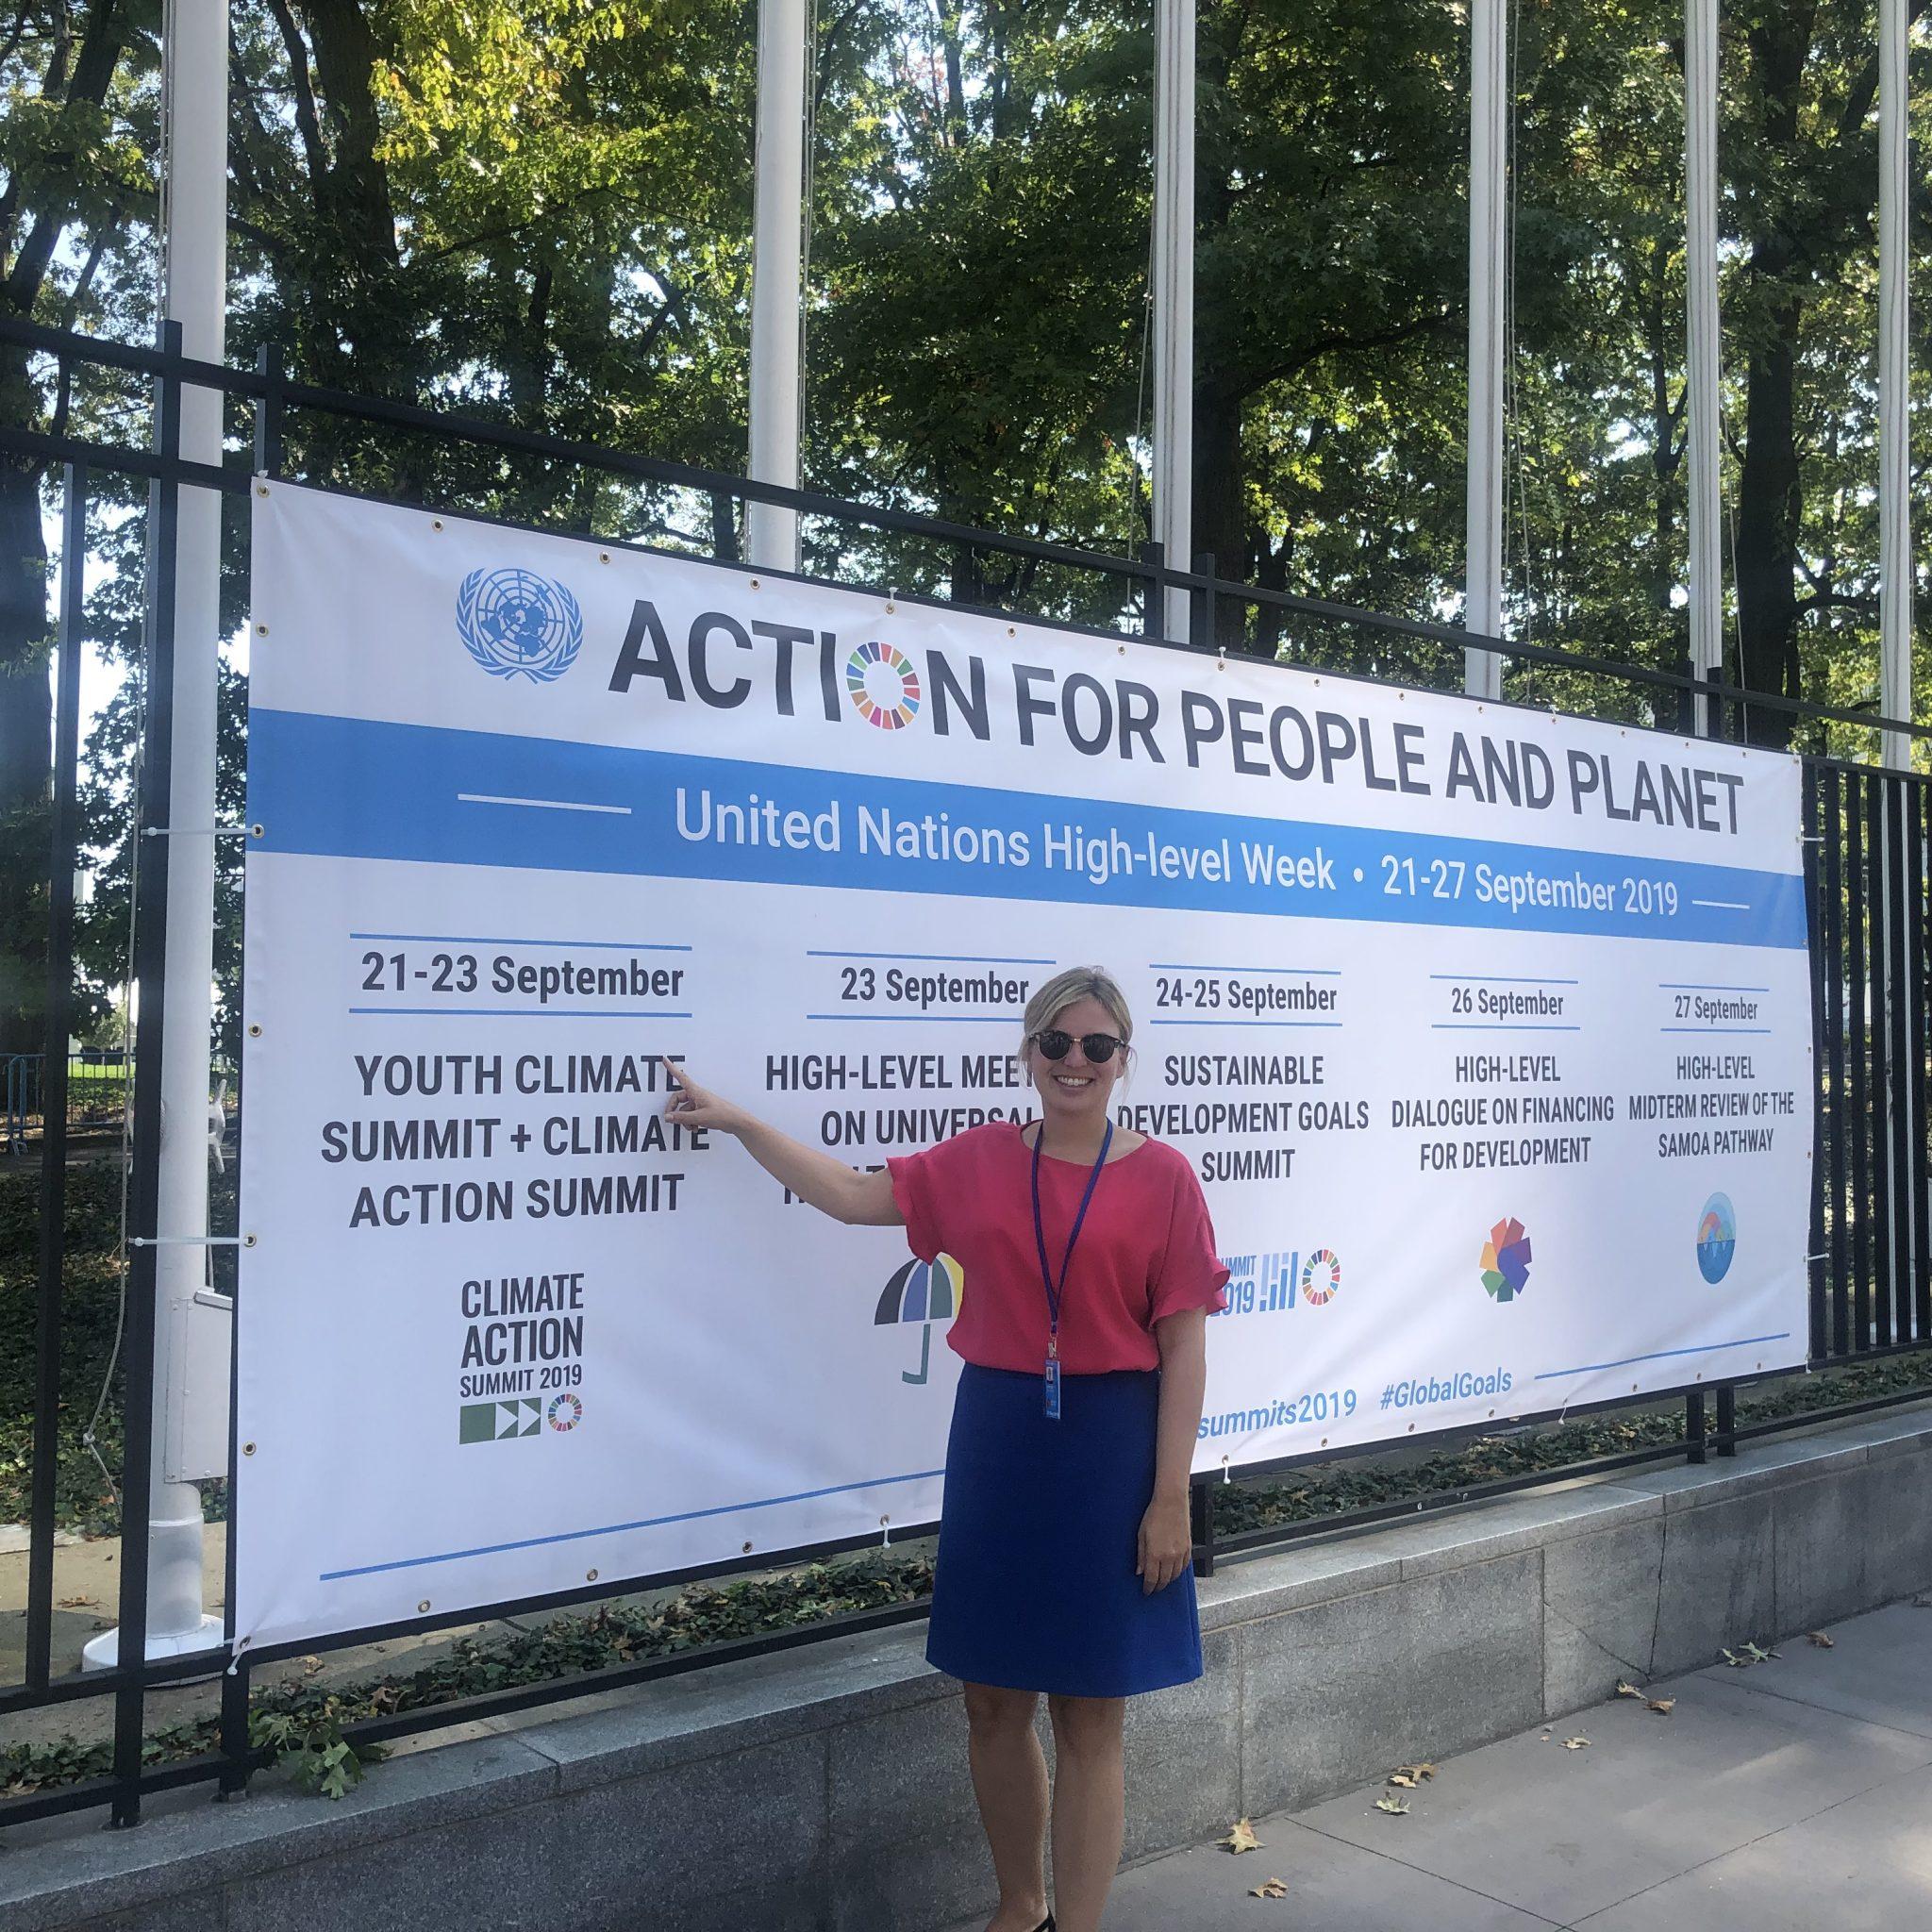 Während des UN Climate Summit finden viele Nebenveranstaltungen statt